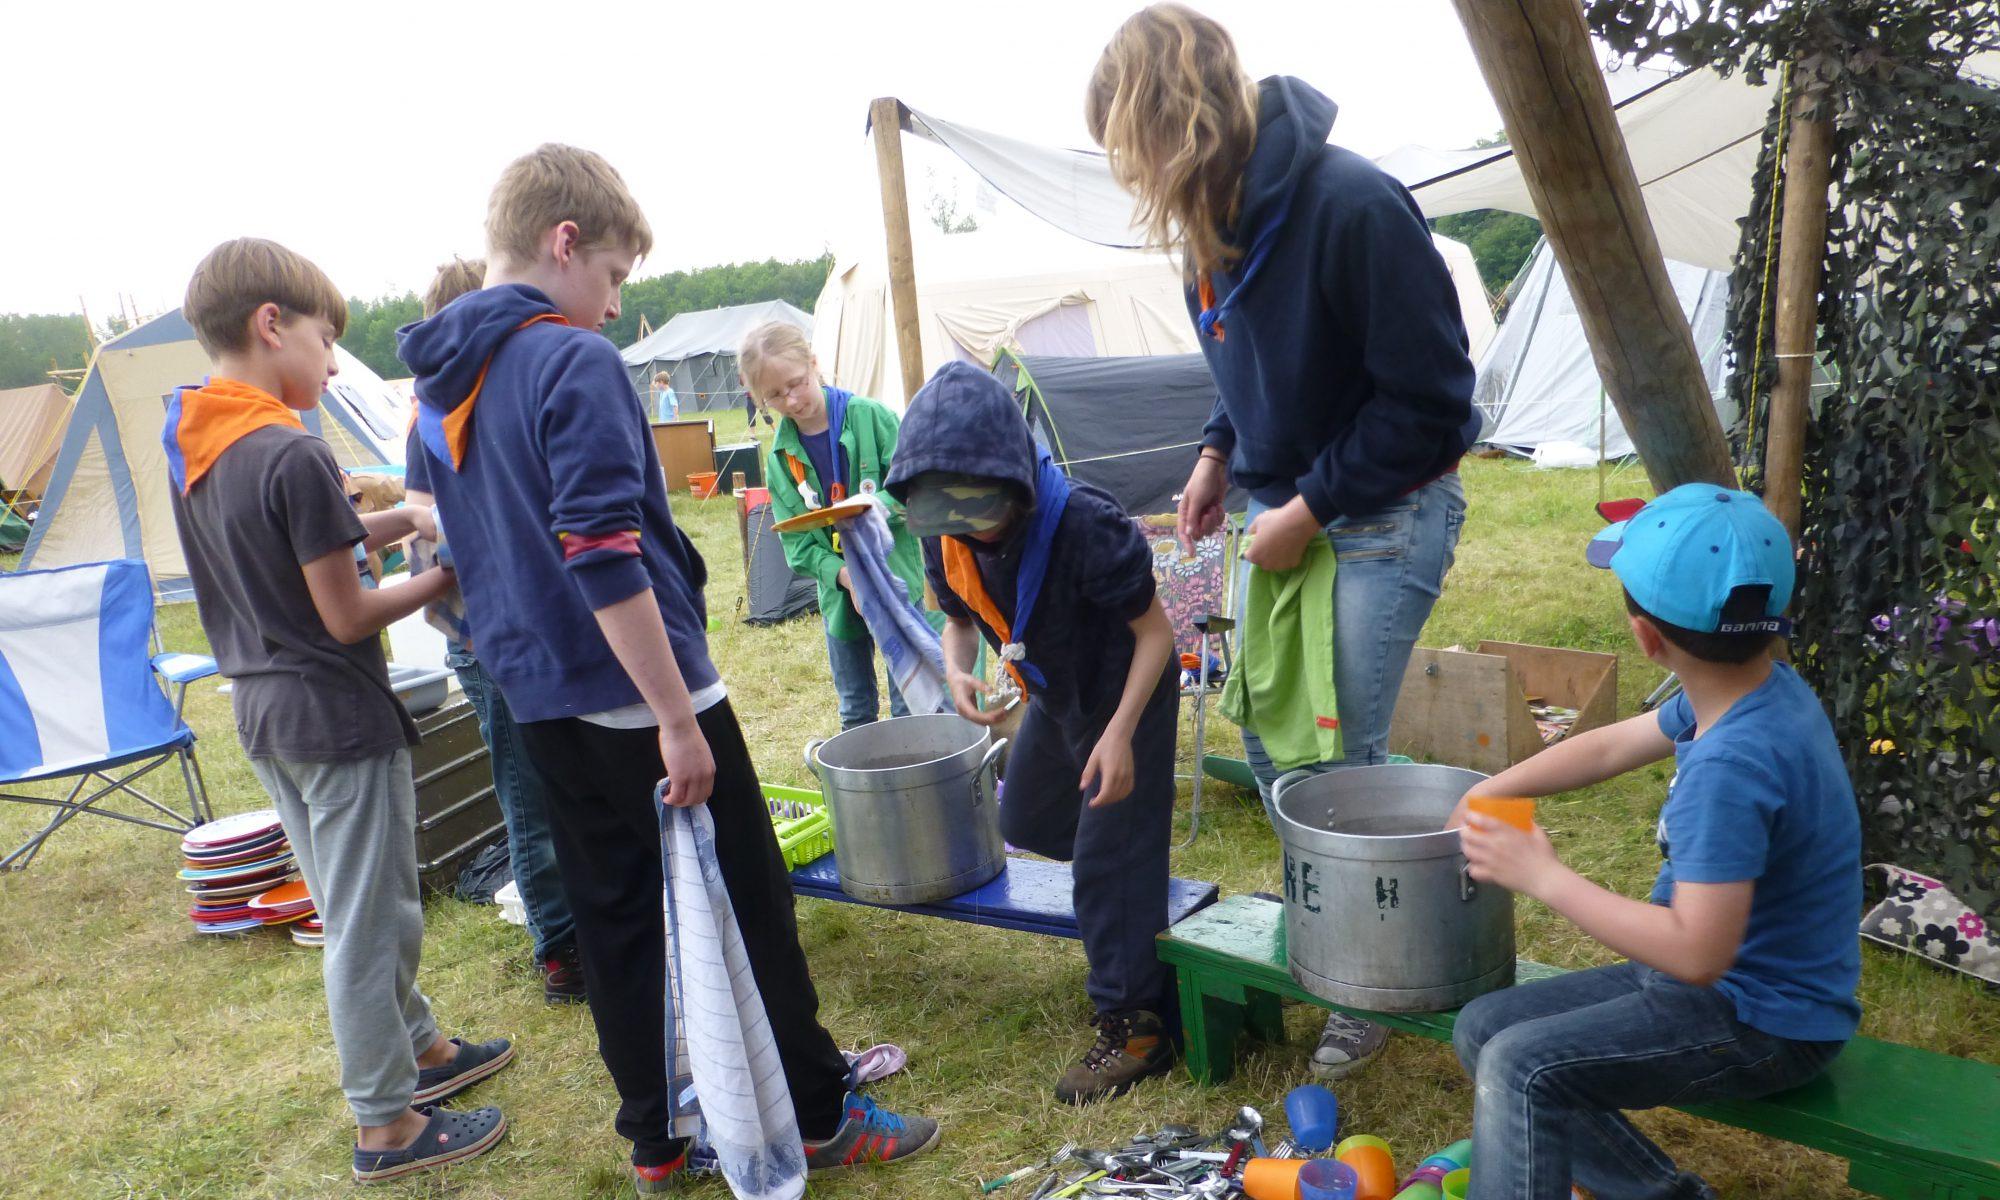 Scoutinggroep De Zwervers Groningen